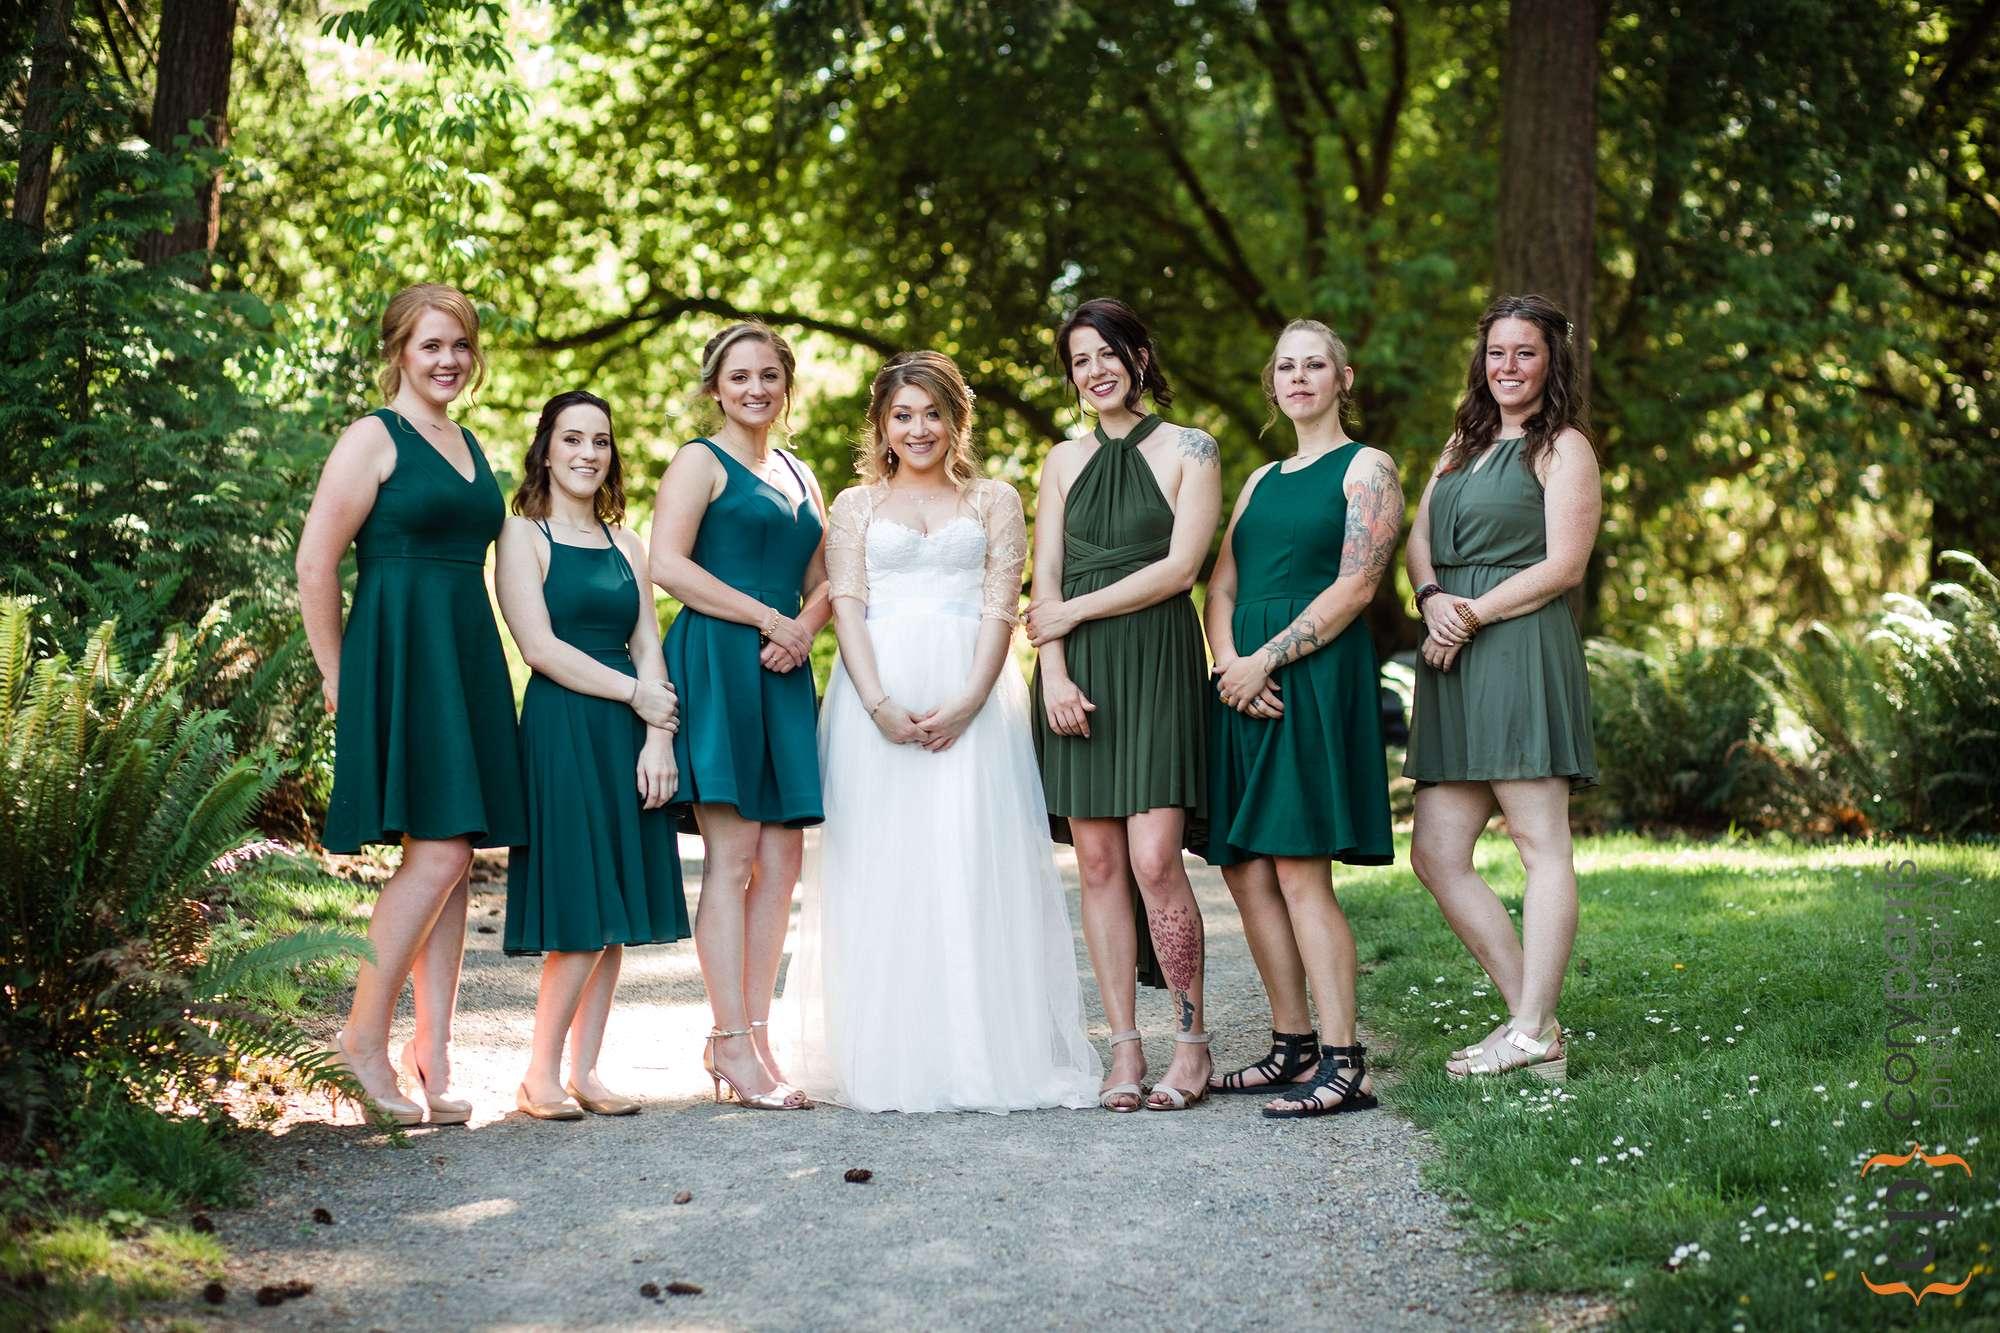 bridesmaids at washington park arboretum